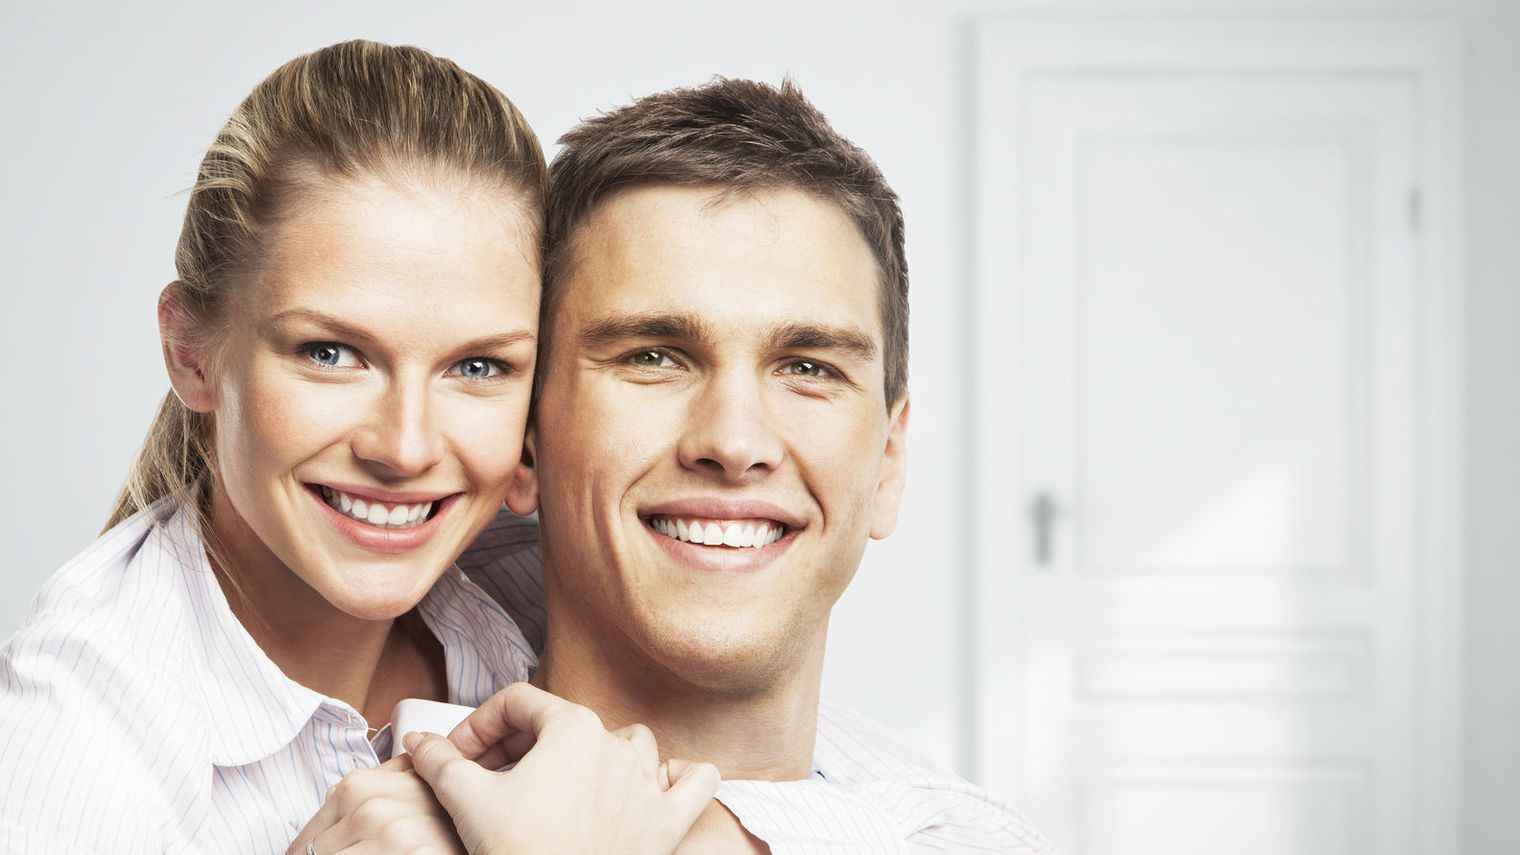 Compatibilité des signes, découvrez l'avenir de votre couple